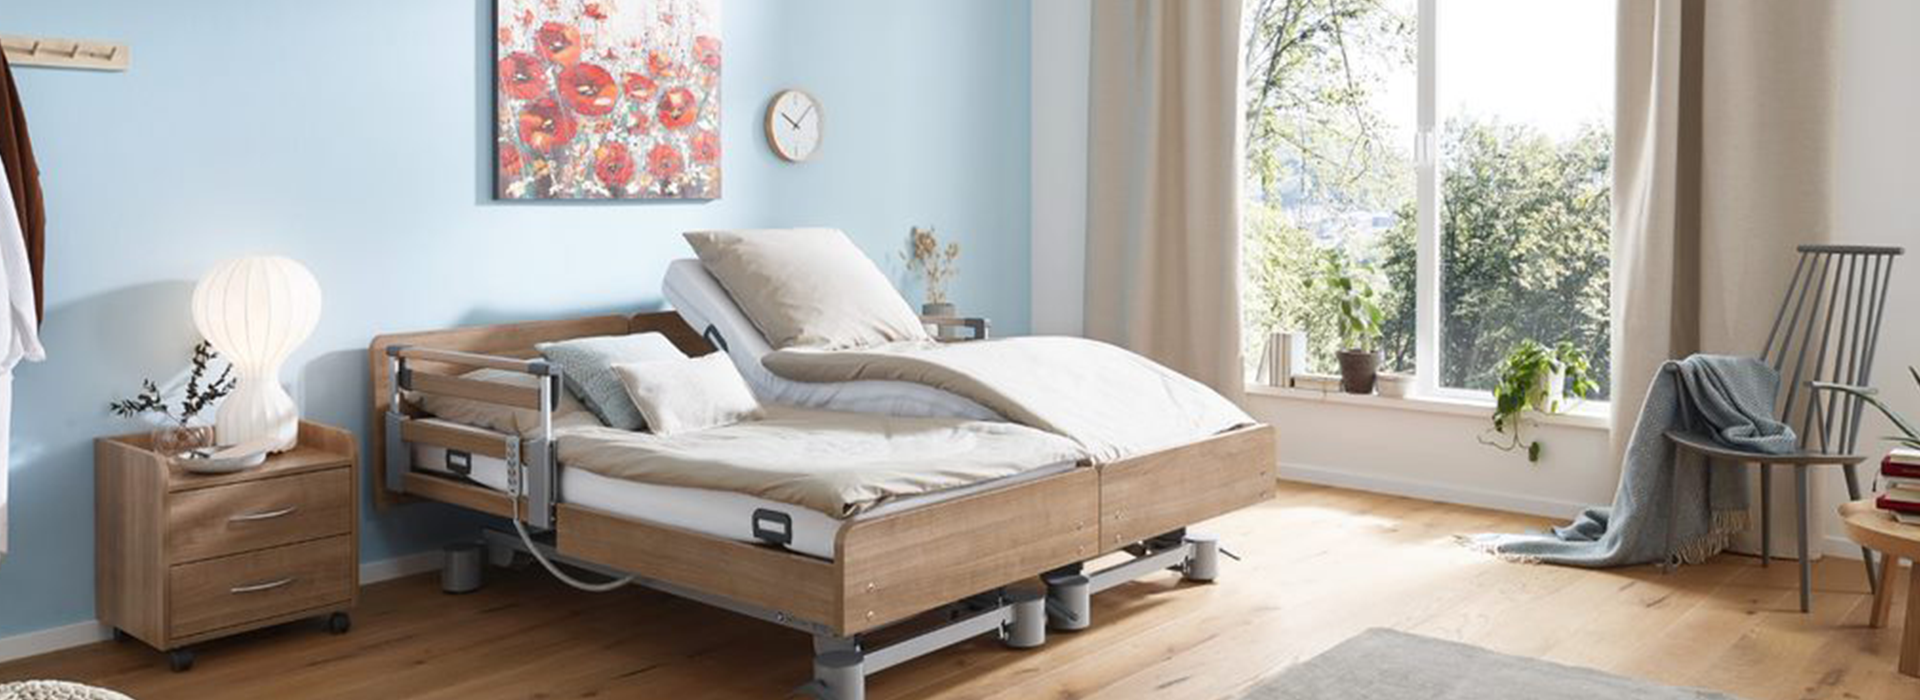 Regia Double Nursing Bed